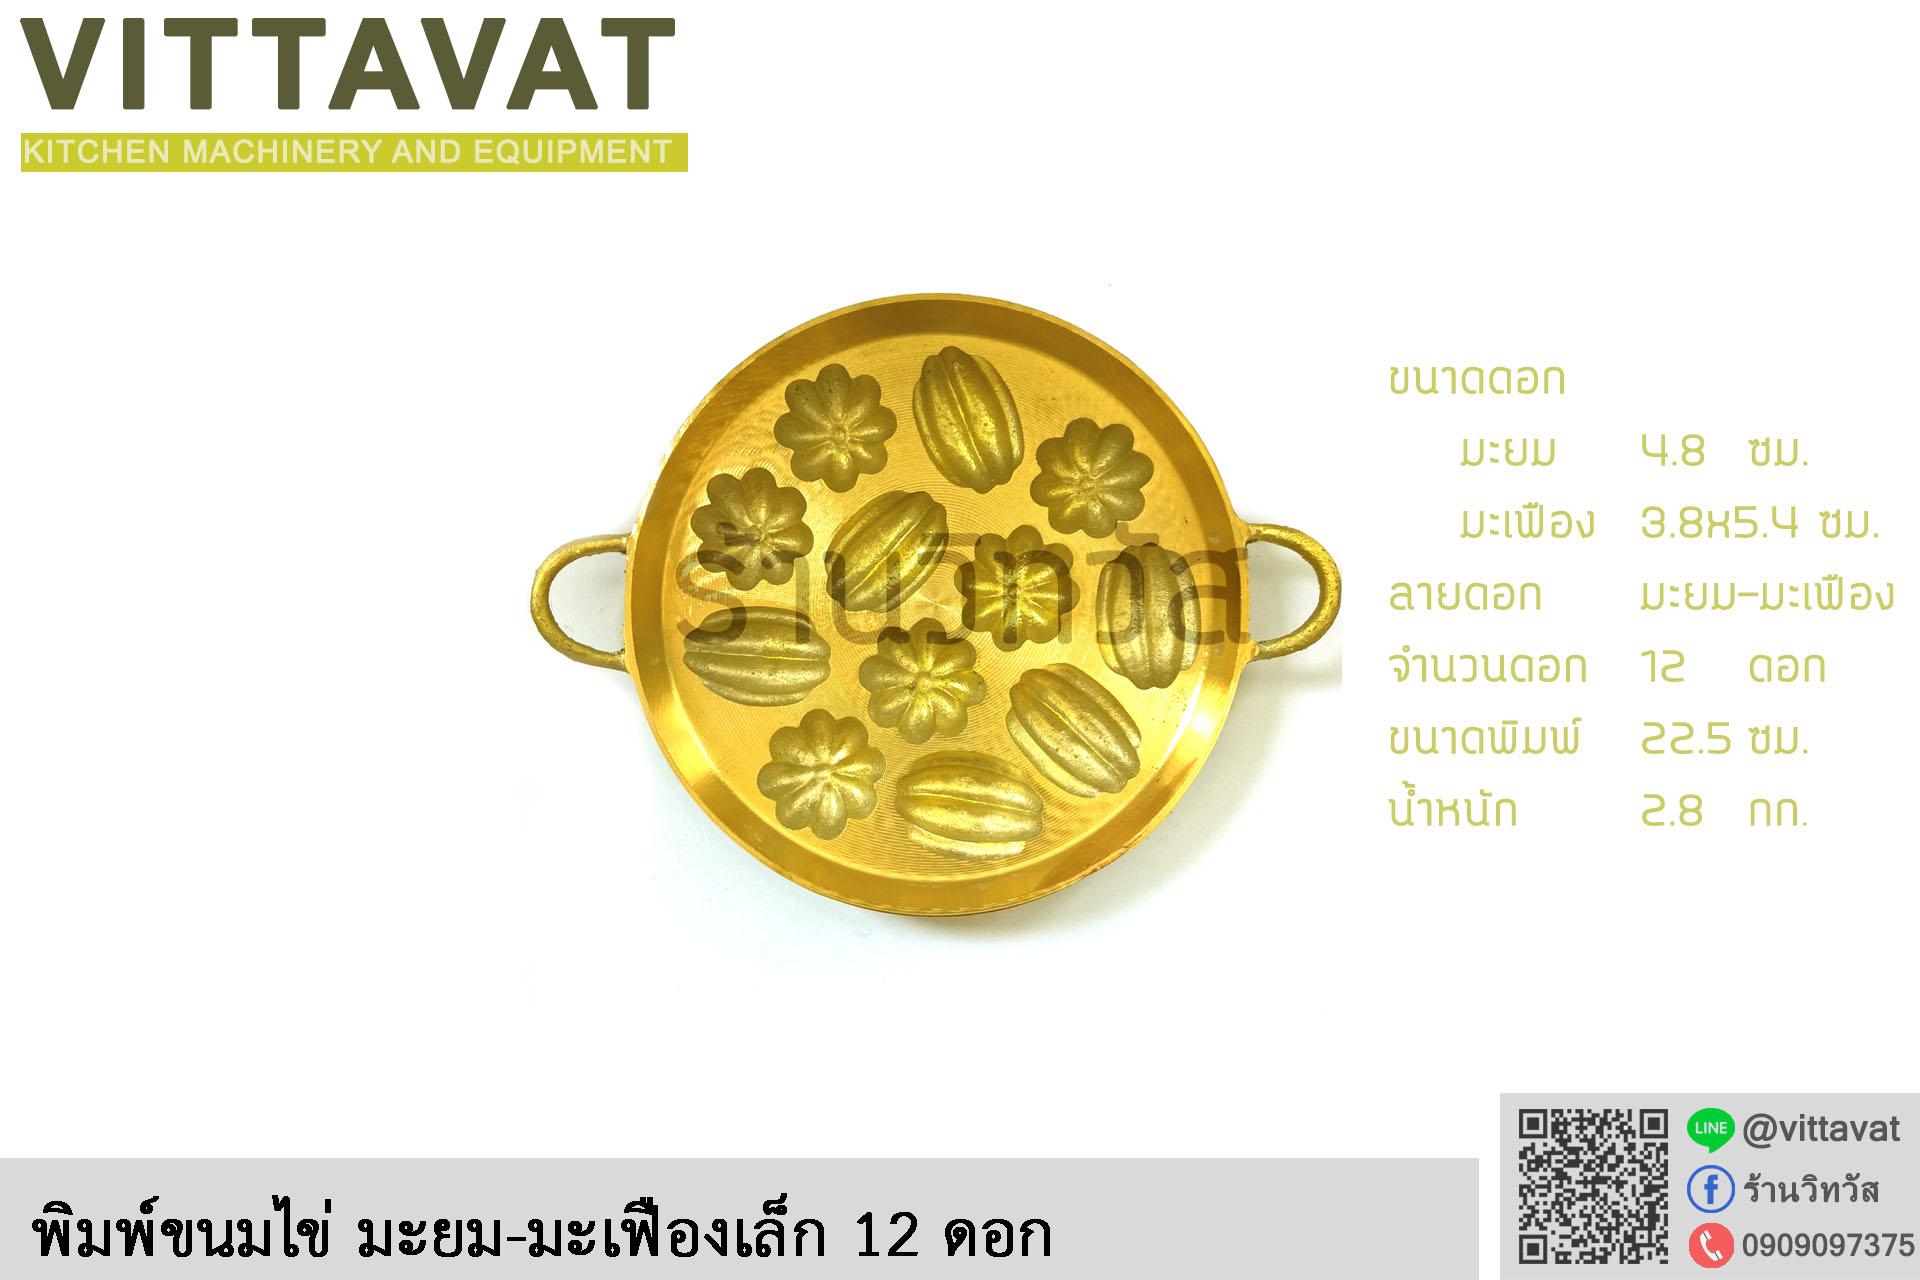 พิมพ์ขนมไข่ มะยม-มะเฟือง 12 ดอก เล็ก